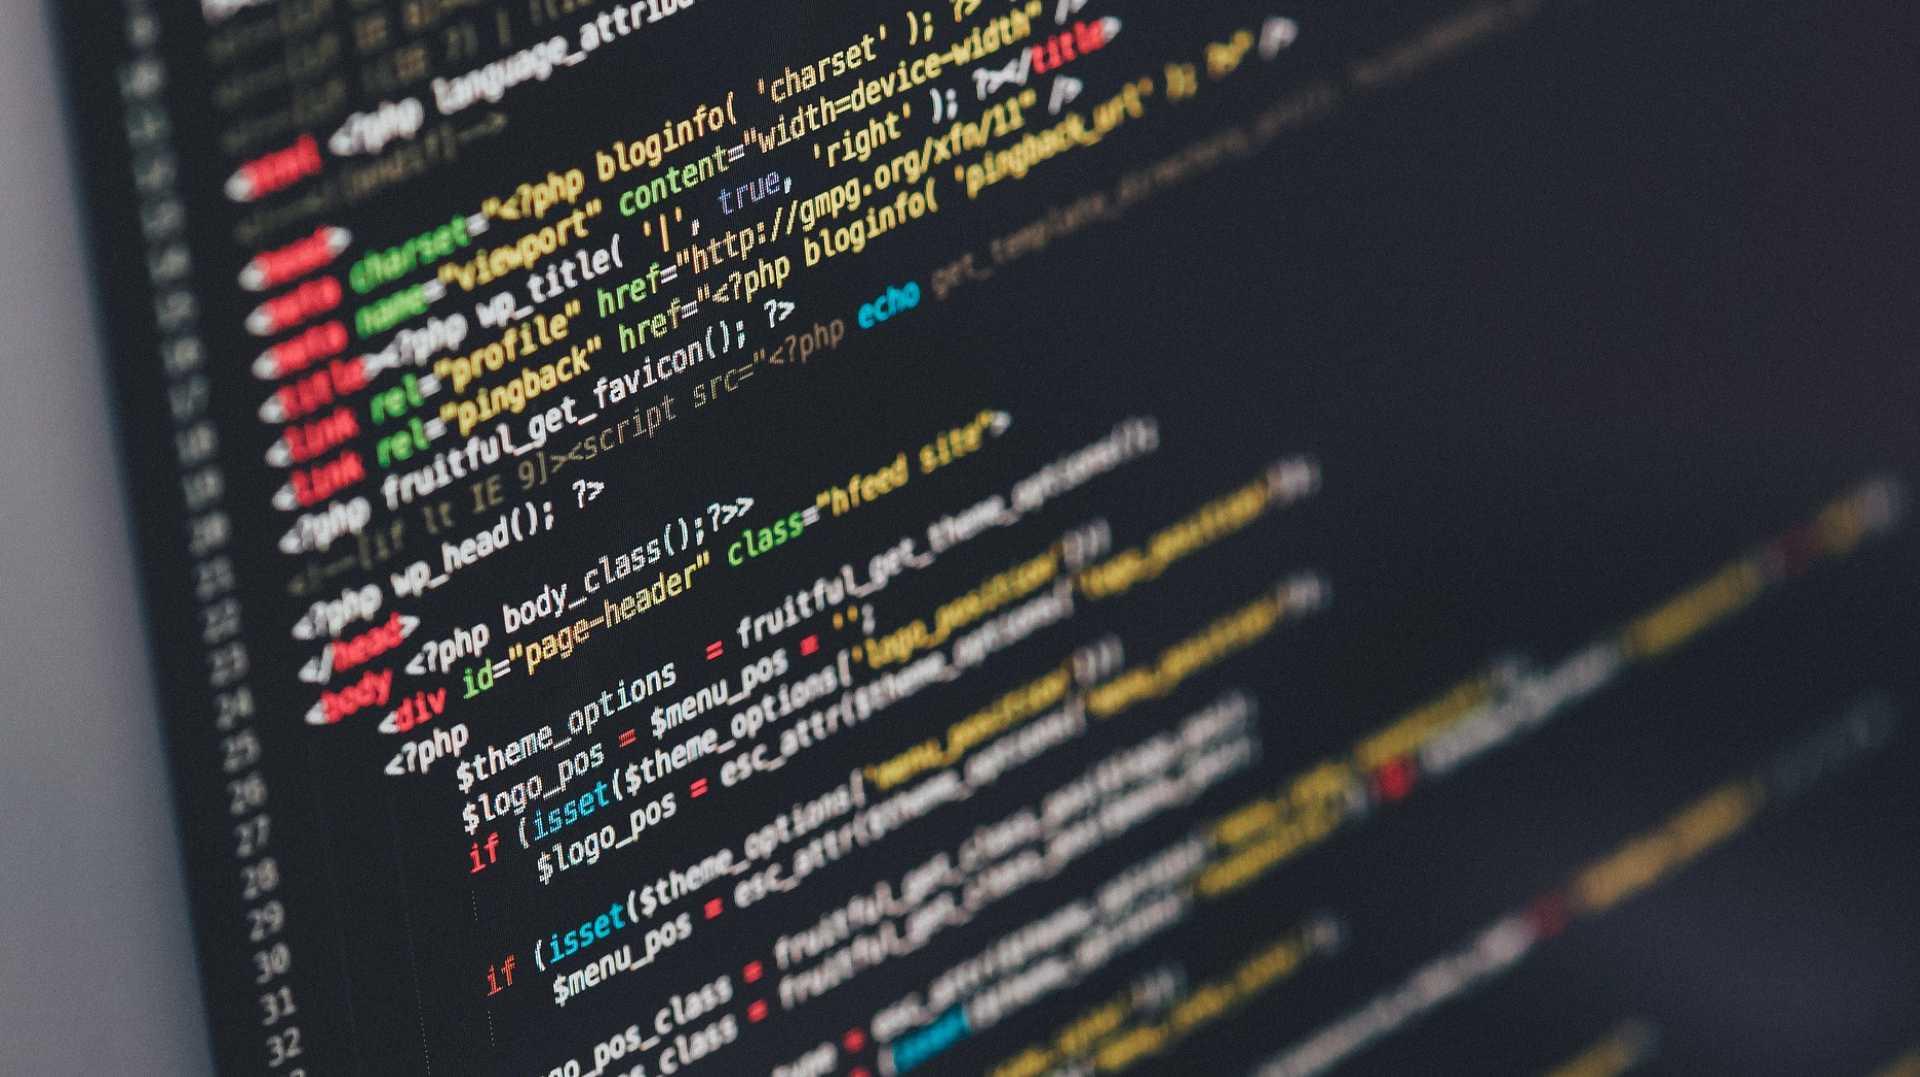 Zeilen von Code auf einem Bildschirm